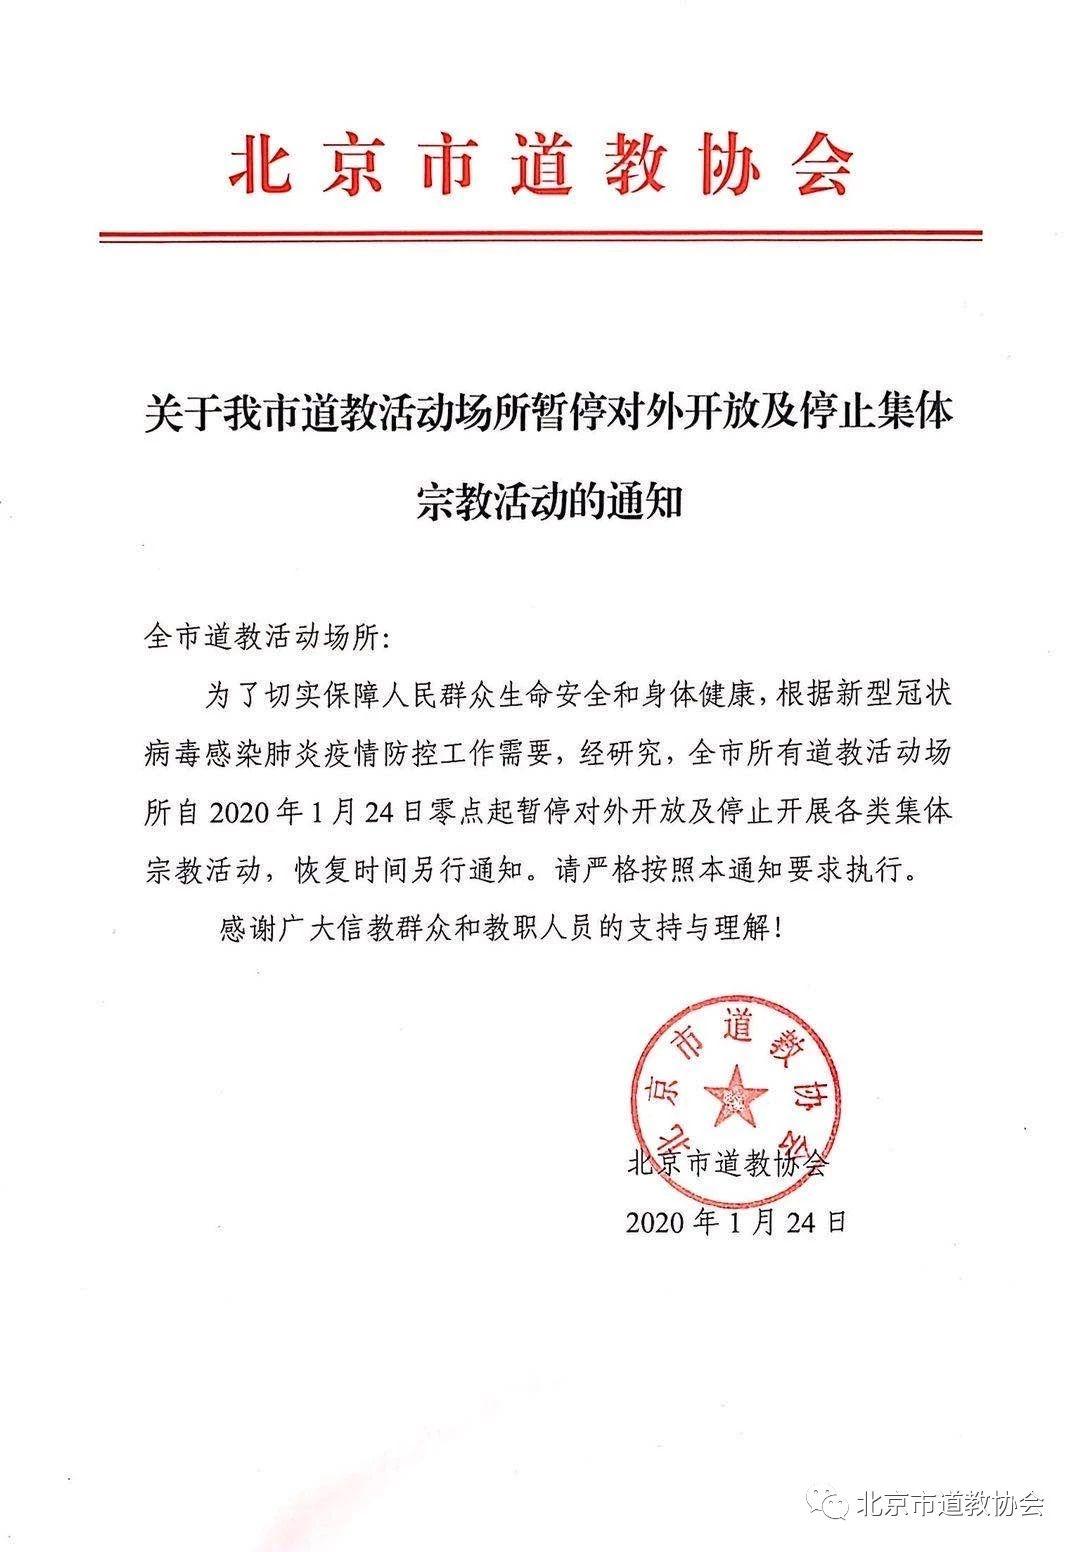 北京市道教活动场所暂停对外开放及停止集体宗教活动(图)